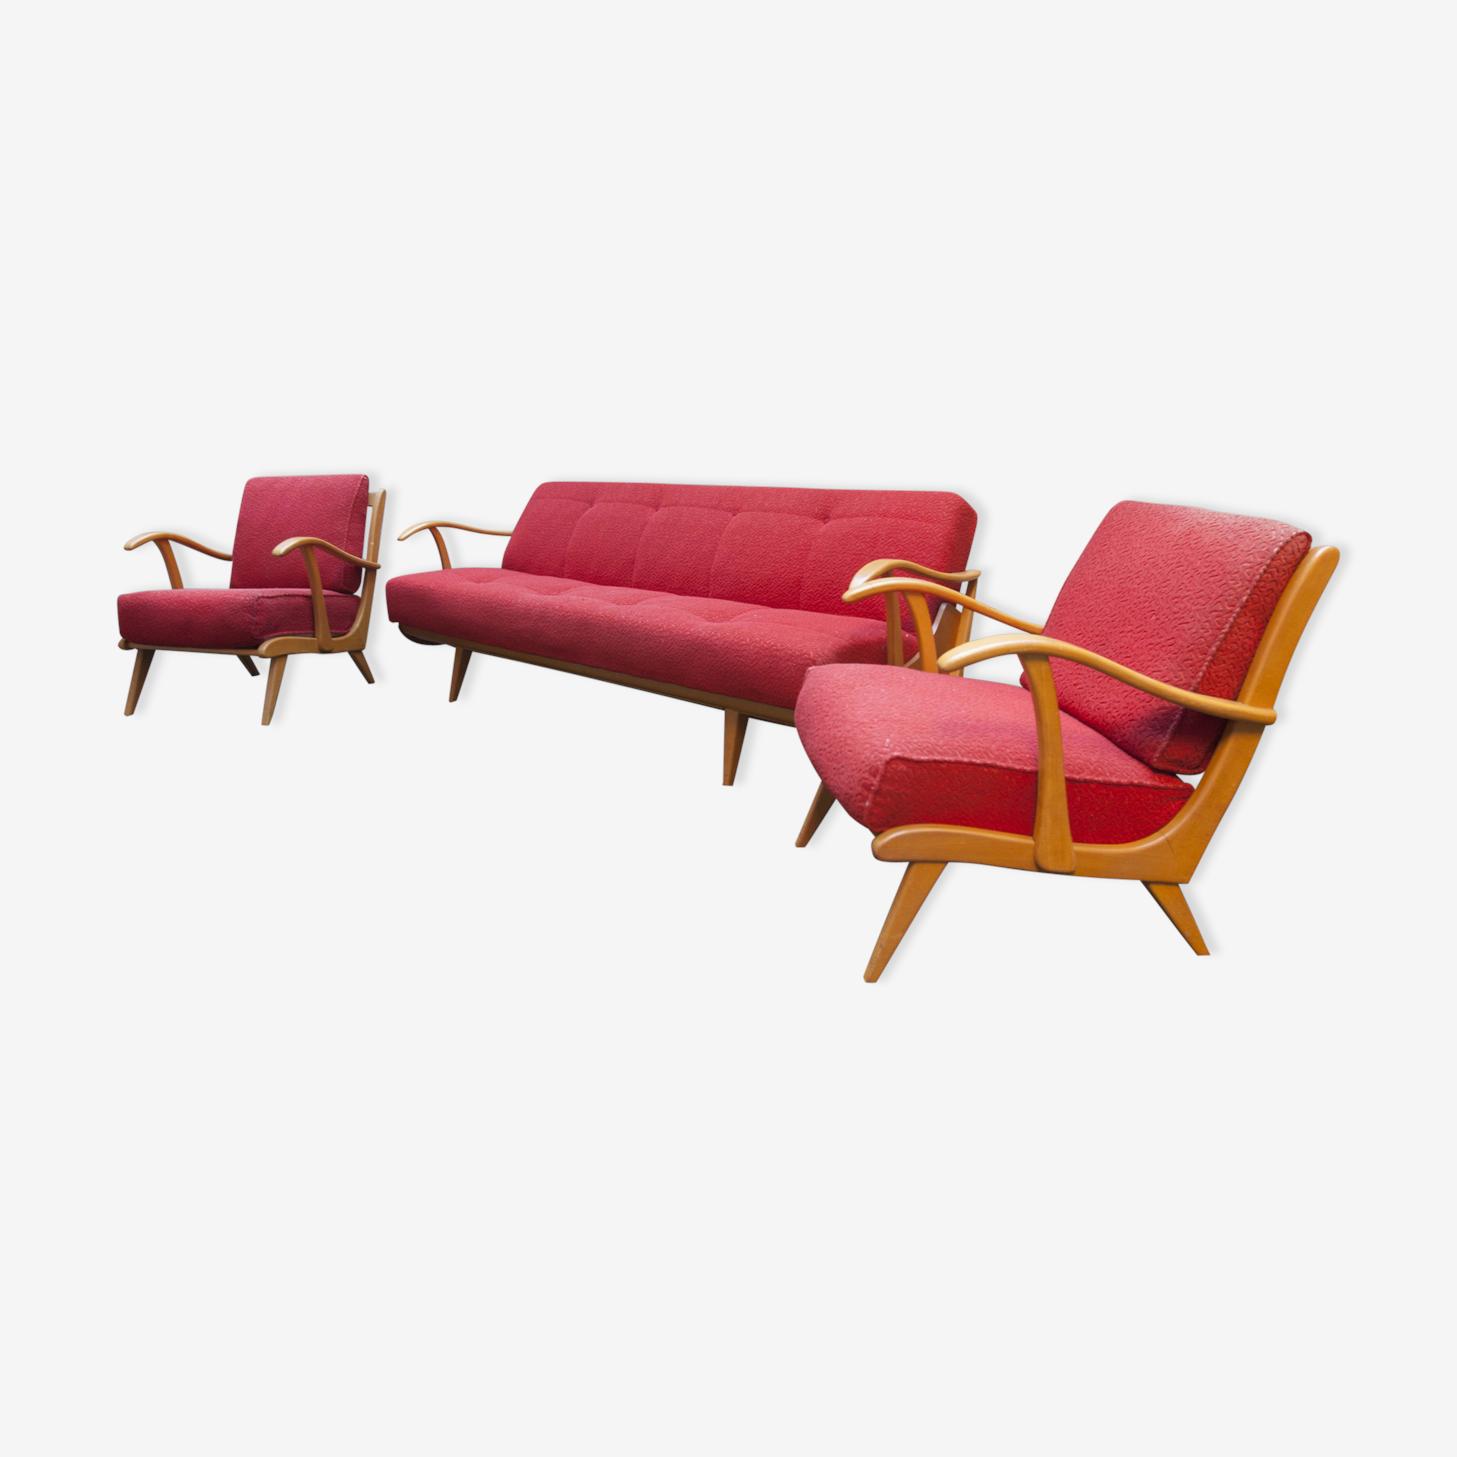 Salon scandinave rouge daybed et 2 fauteuils